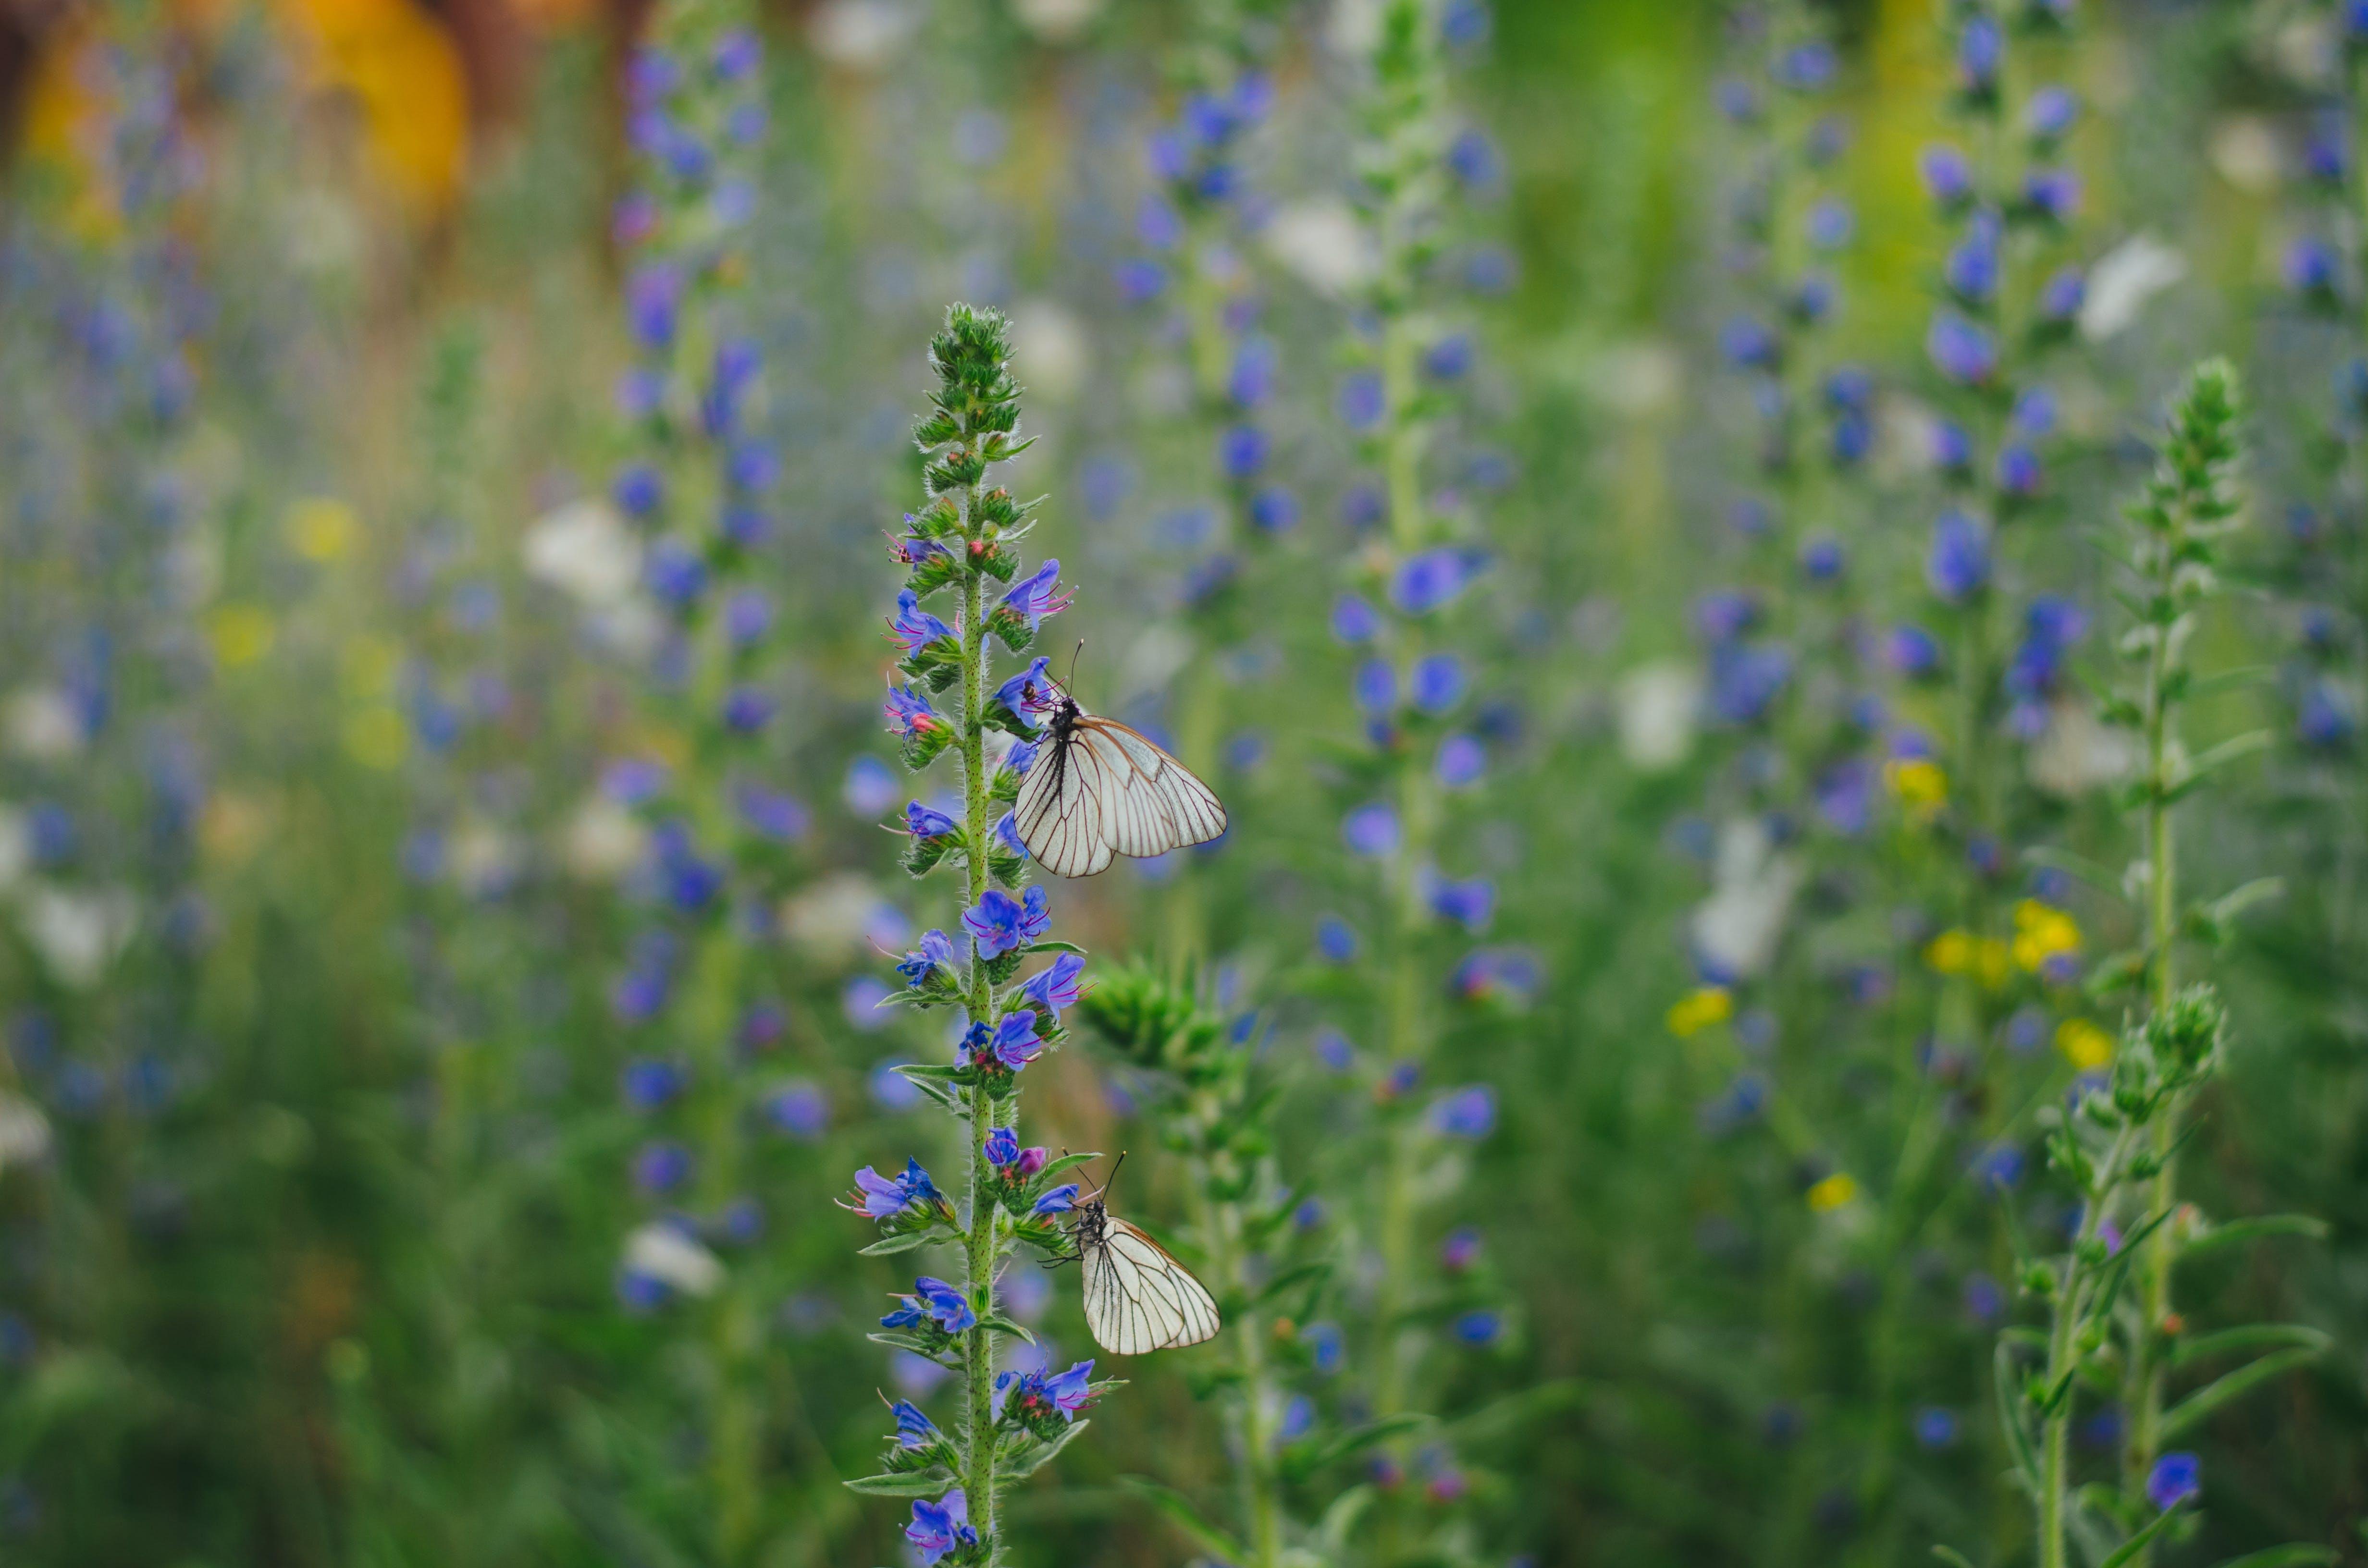 White Butterflies on Purple Flowers